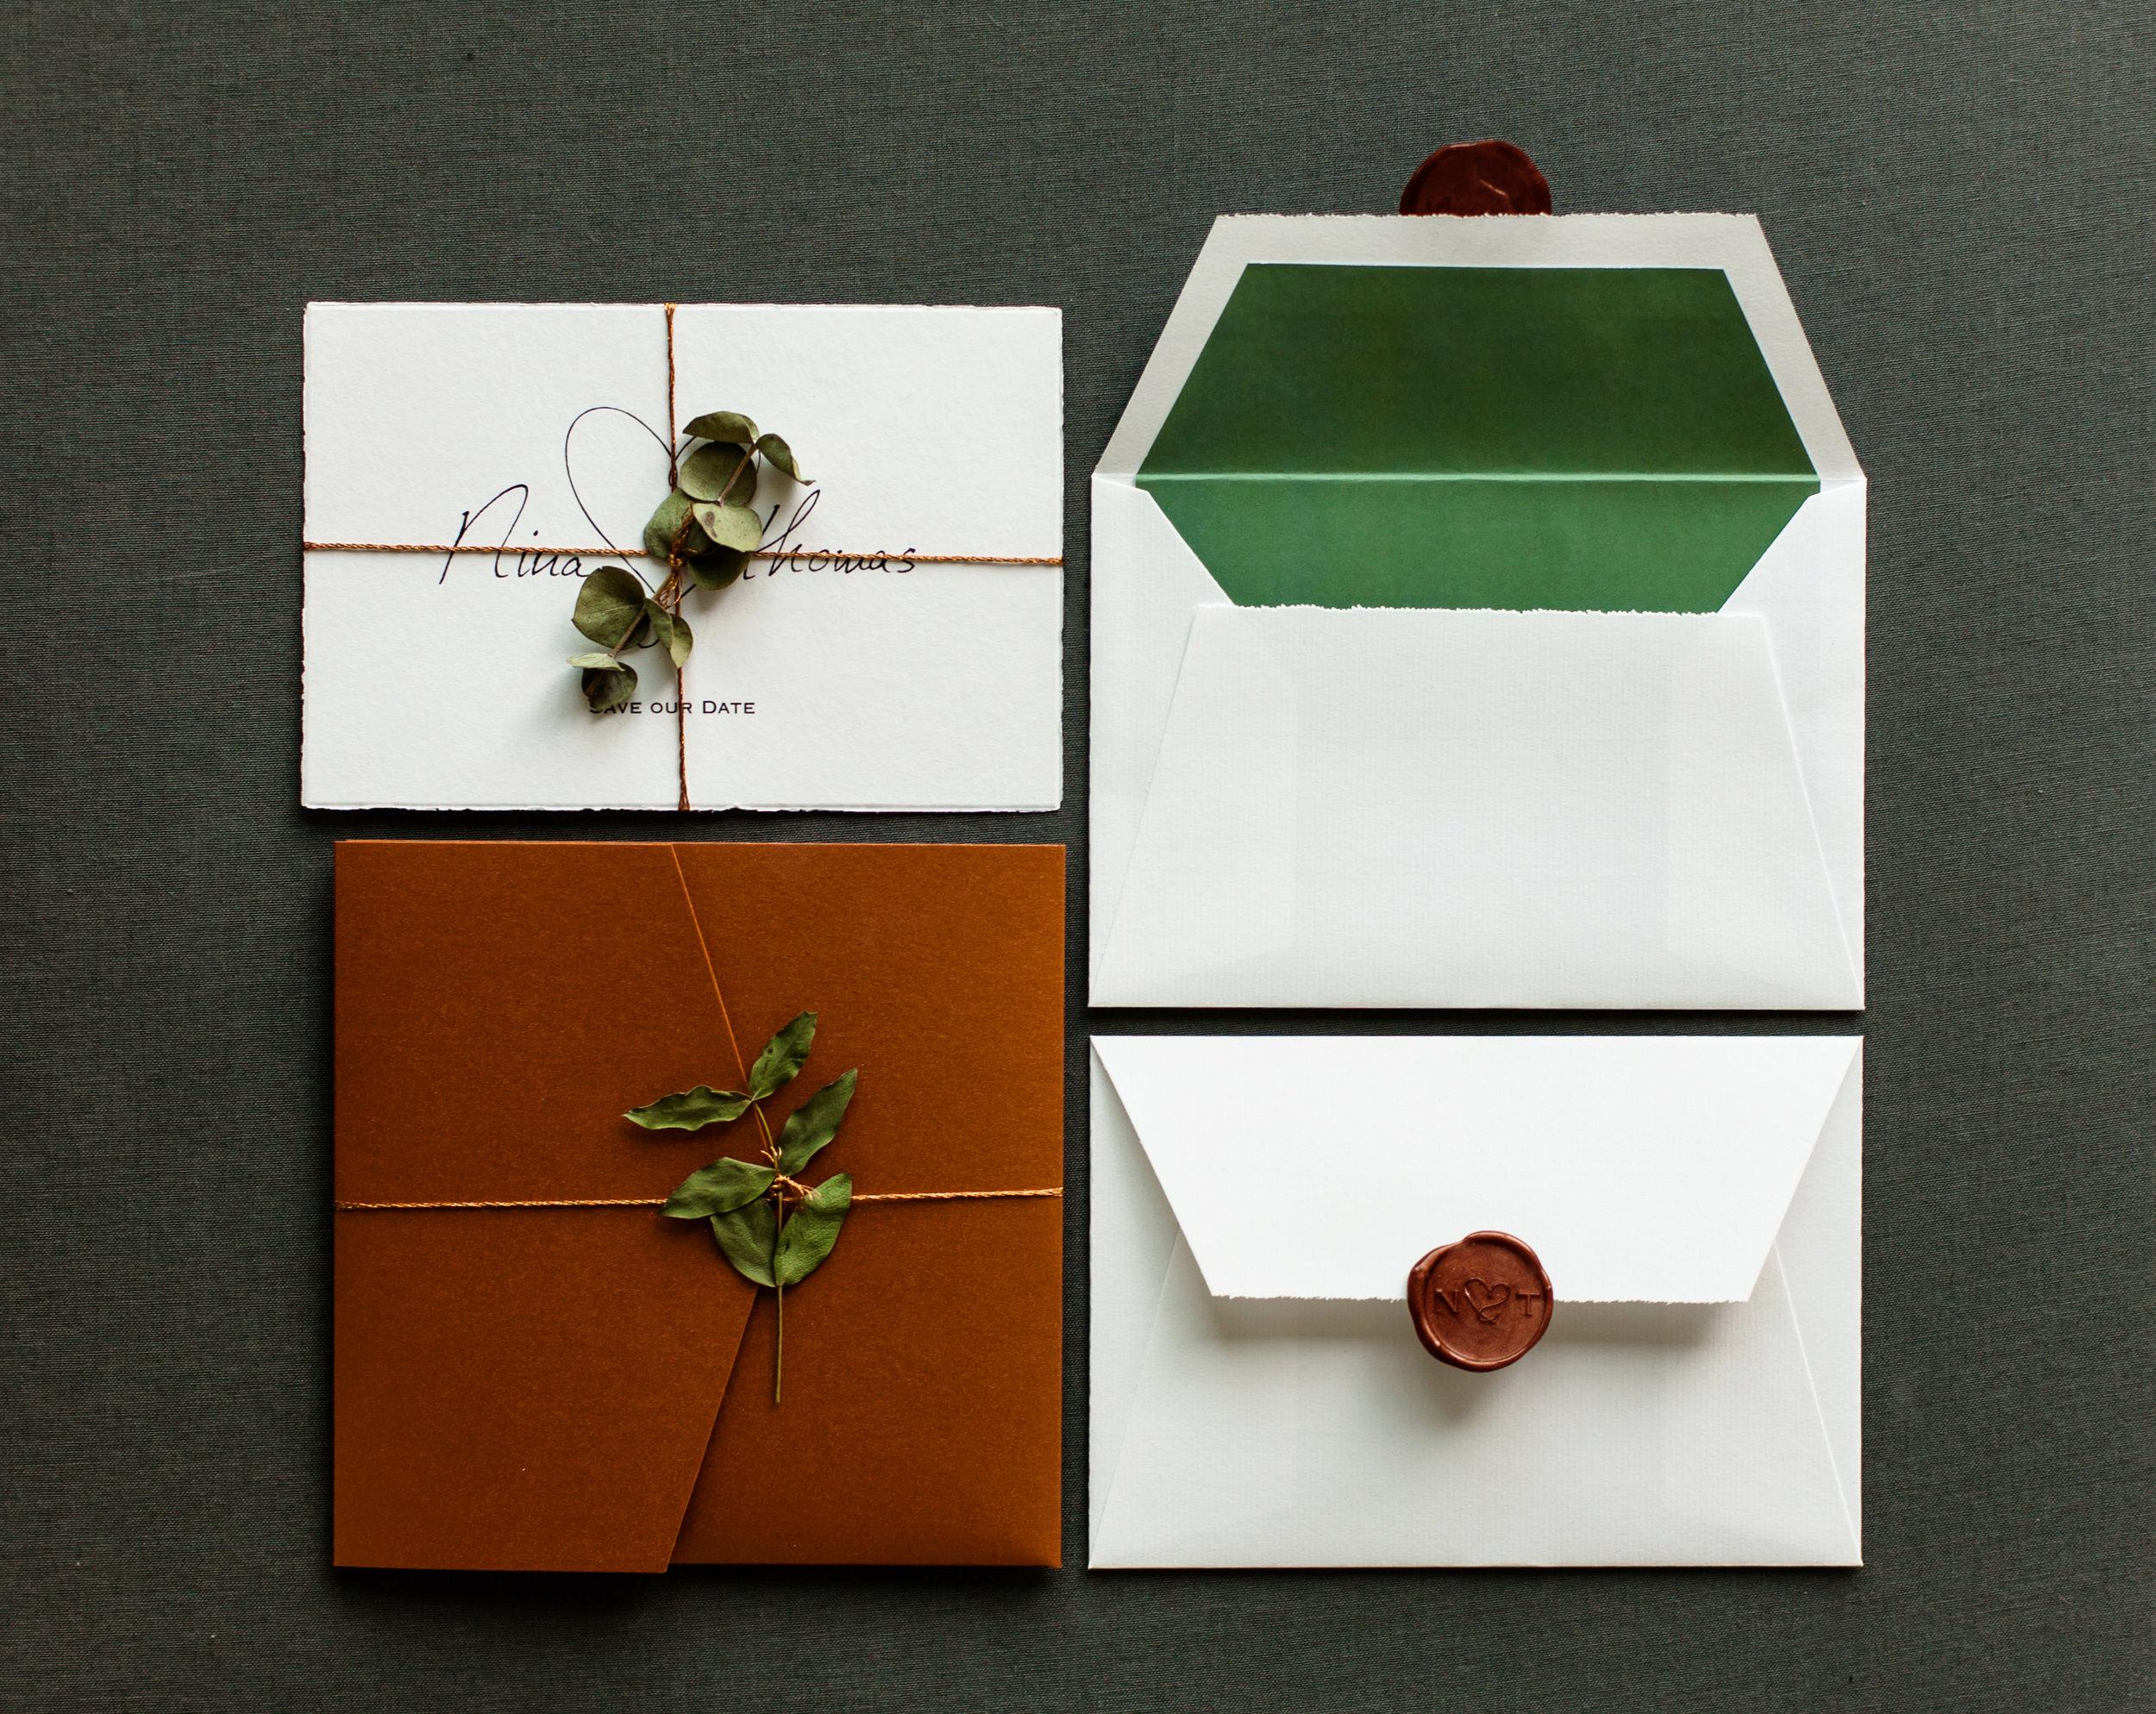 Pocketfold Einladung Kupfer und Save the Date Karte mit Kupferkordel und Eukalyptus, weißer Briefumschlag mit grünem Innenfutter und Kupfer Siegelstempel